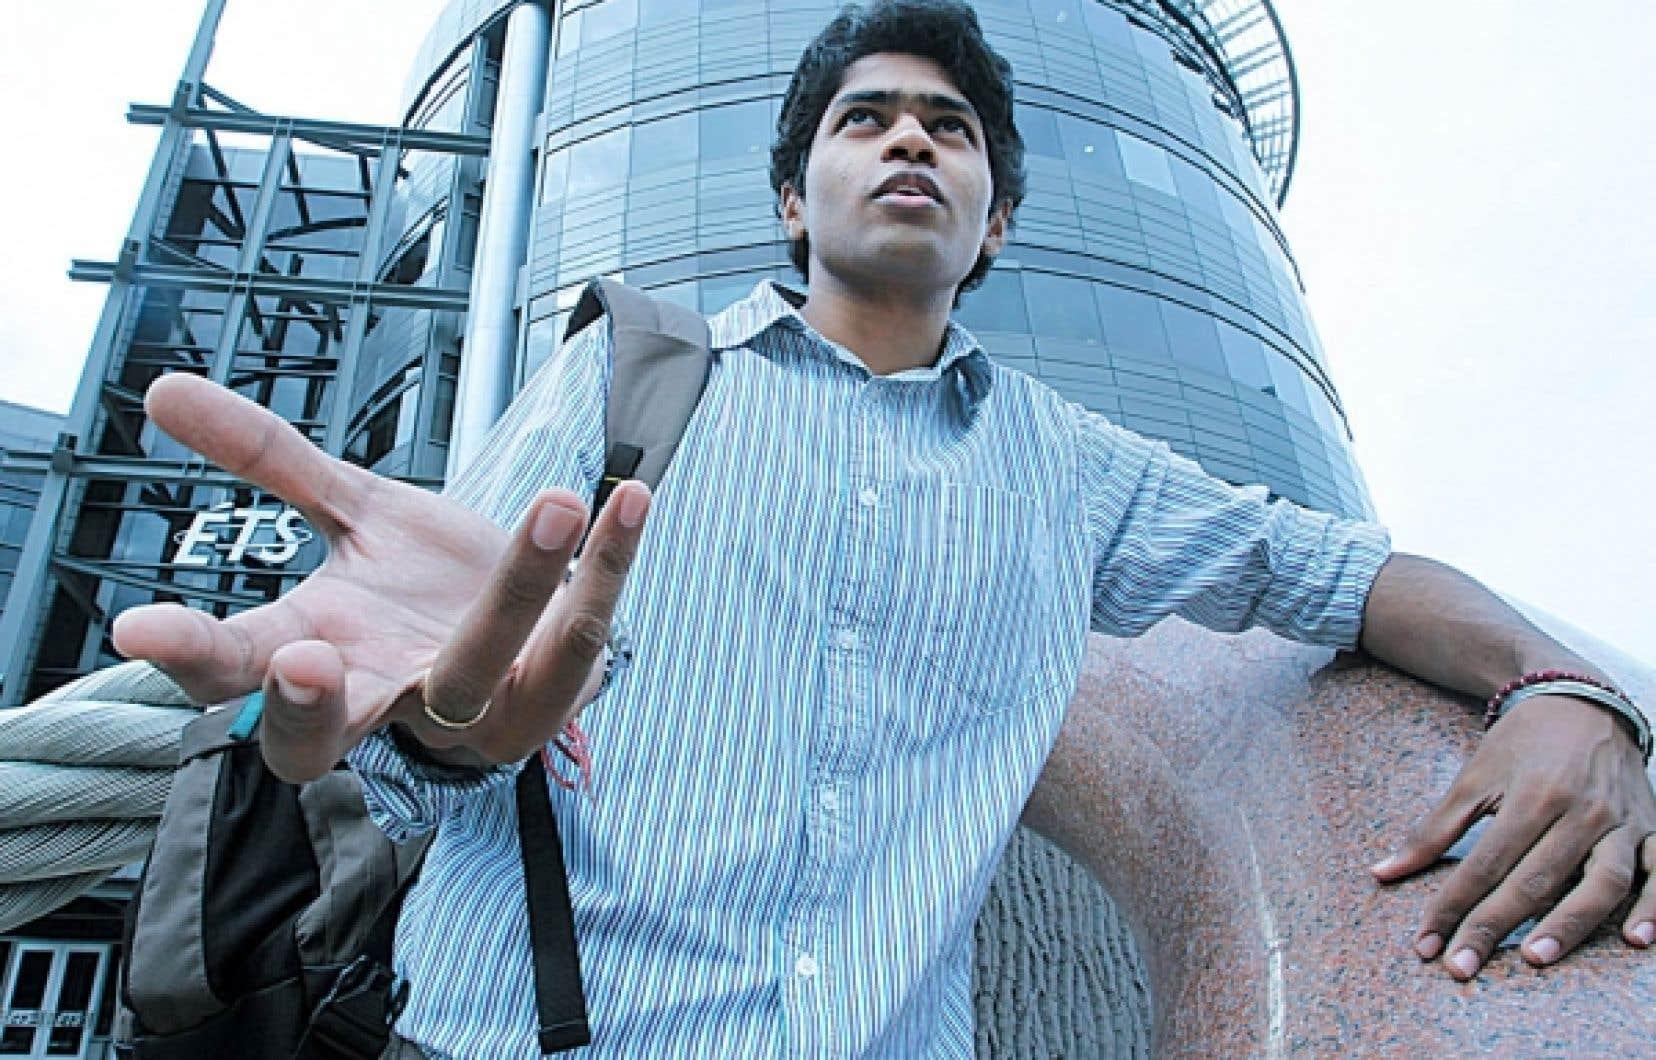 Brillant Indien de 22ans, VinayakVadlamani est venu cet été suivre un stage en milieu universitaire à l'École de technologie supérieure de Montréal. Il fait partie de ces «cerveaux» parmi les plus prometteurs de sa génération que s'arrachent les pays industrialisés partout dans le monde. Quoique saine, cette féroce compétition n'est pas sans soulever des enjeux éthiques concernant le recrutement des étudiants étrangers. Notre texte fait le point en pageA8.<br />